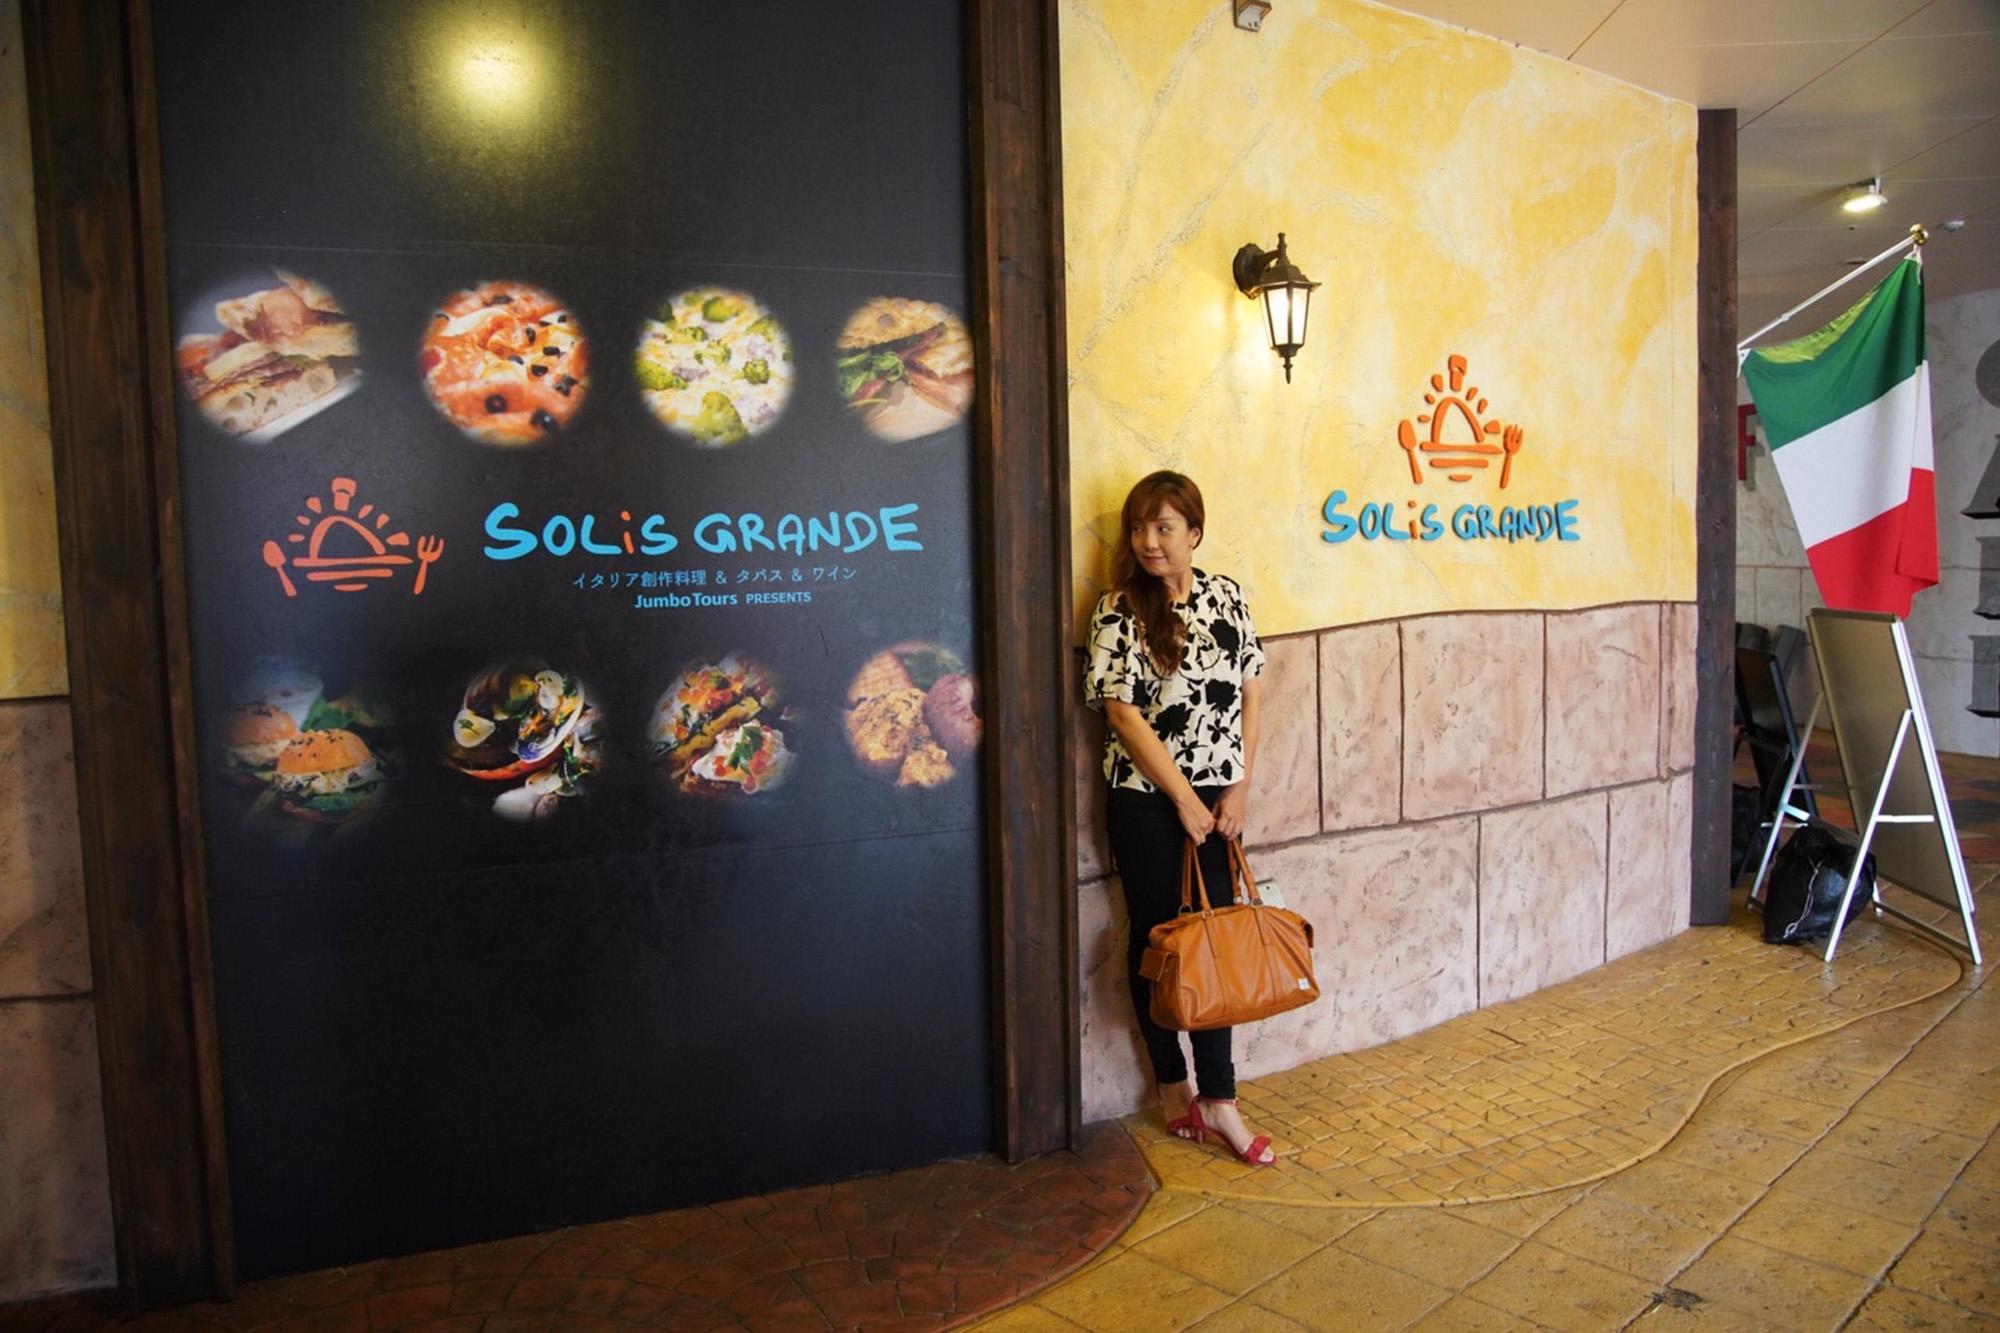 ワインを楽しむなら★ワイン通販「 Mare Noroc」&イタリア創作料理「SOLiS GRANDE」|中頭郡北谷町美浜 / CELEBRATIONS maki